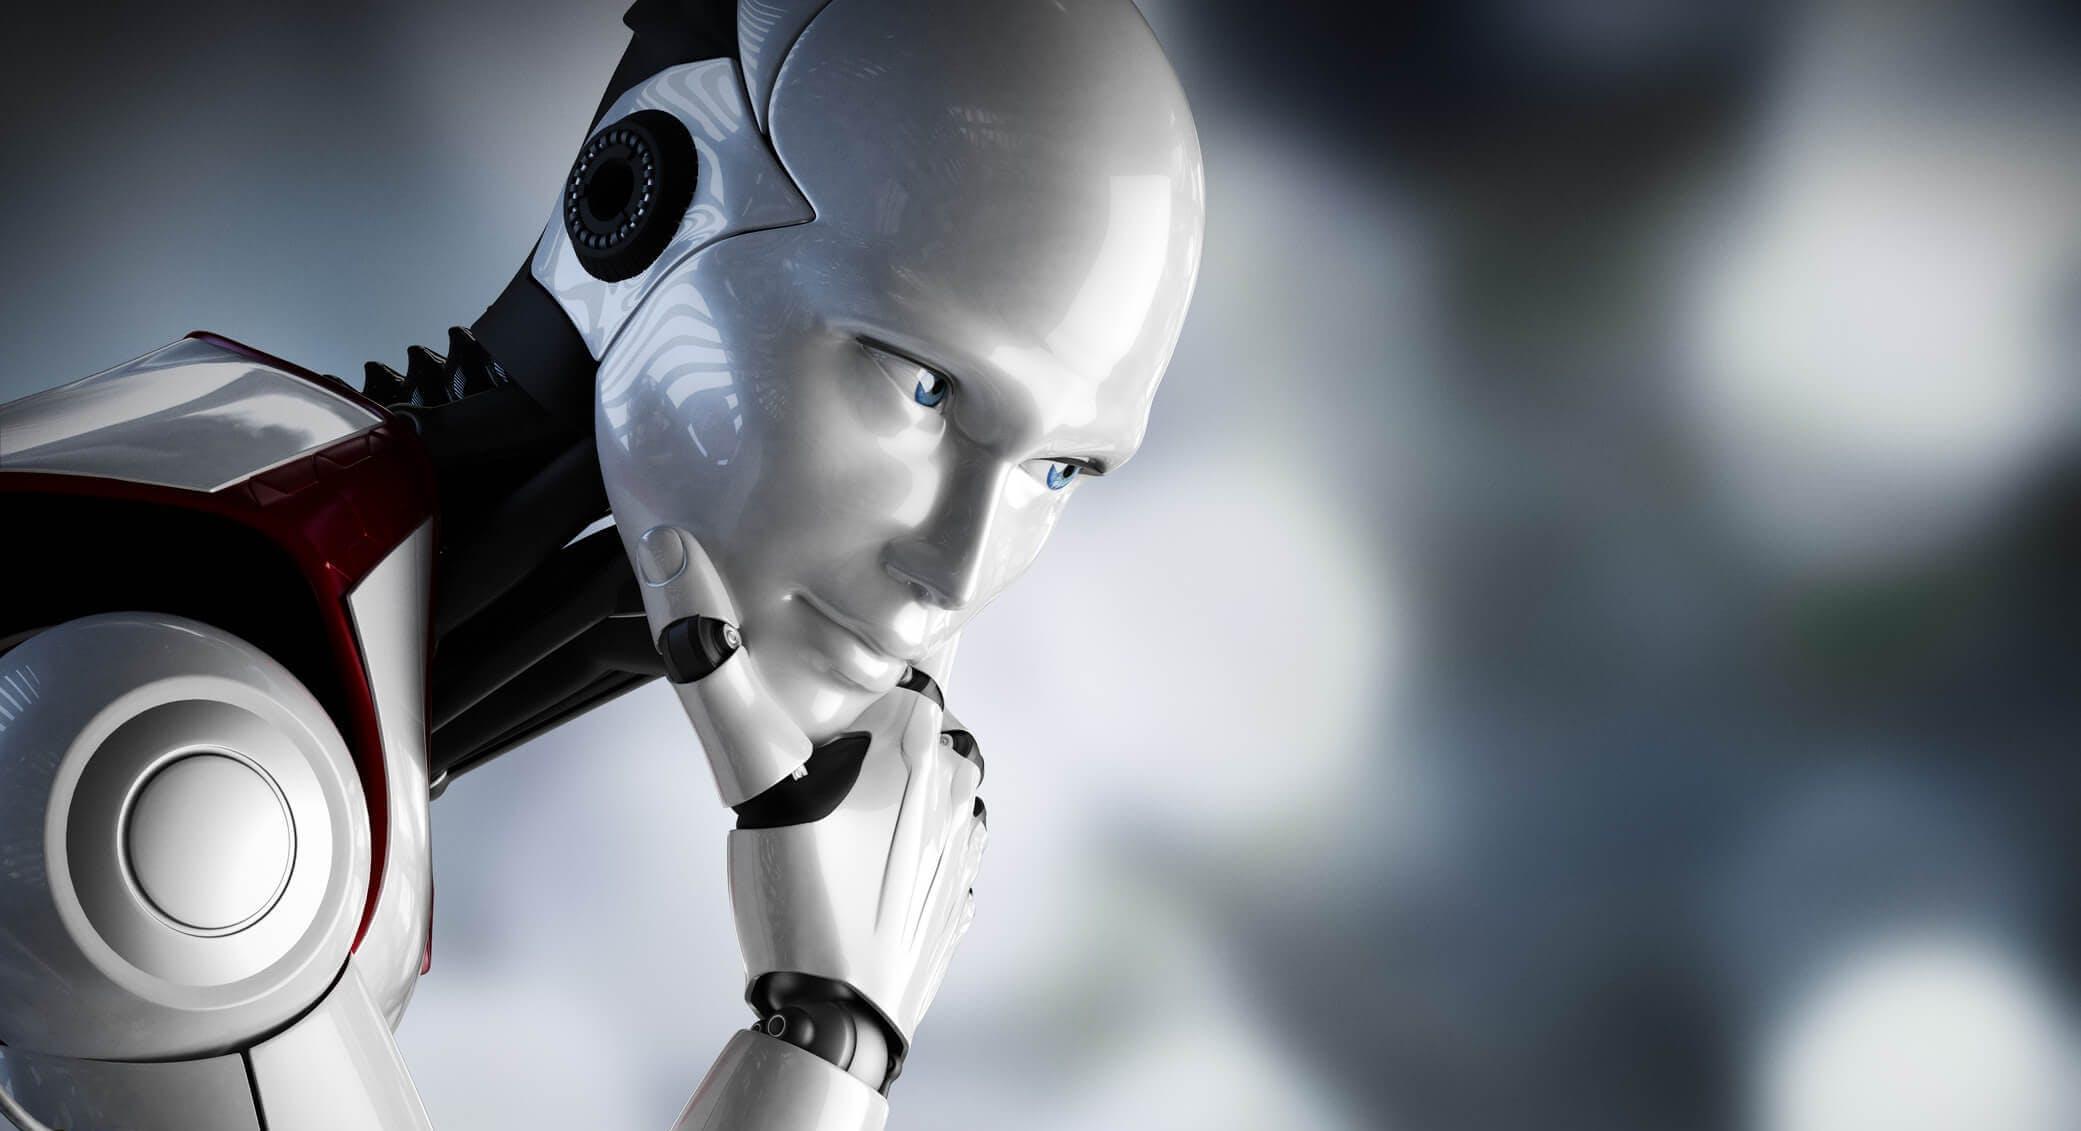 Titelbild-KI-Roboter-Denker-Pose-Künstliche-Intelligenz